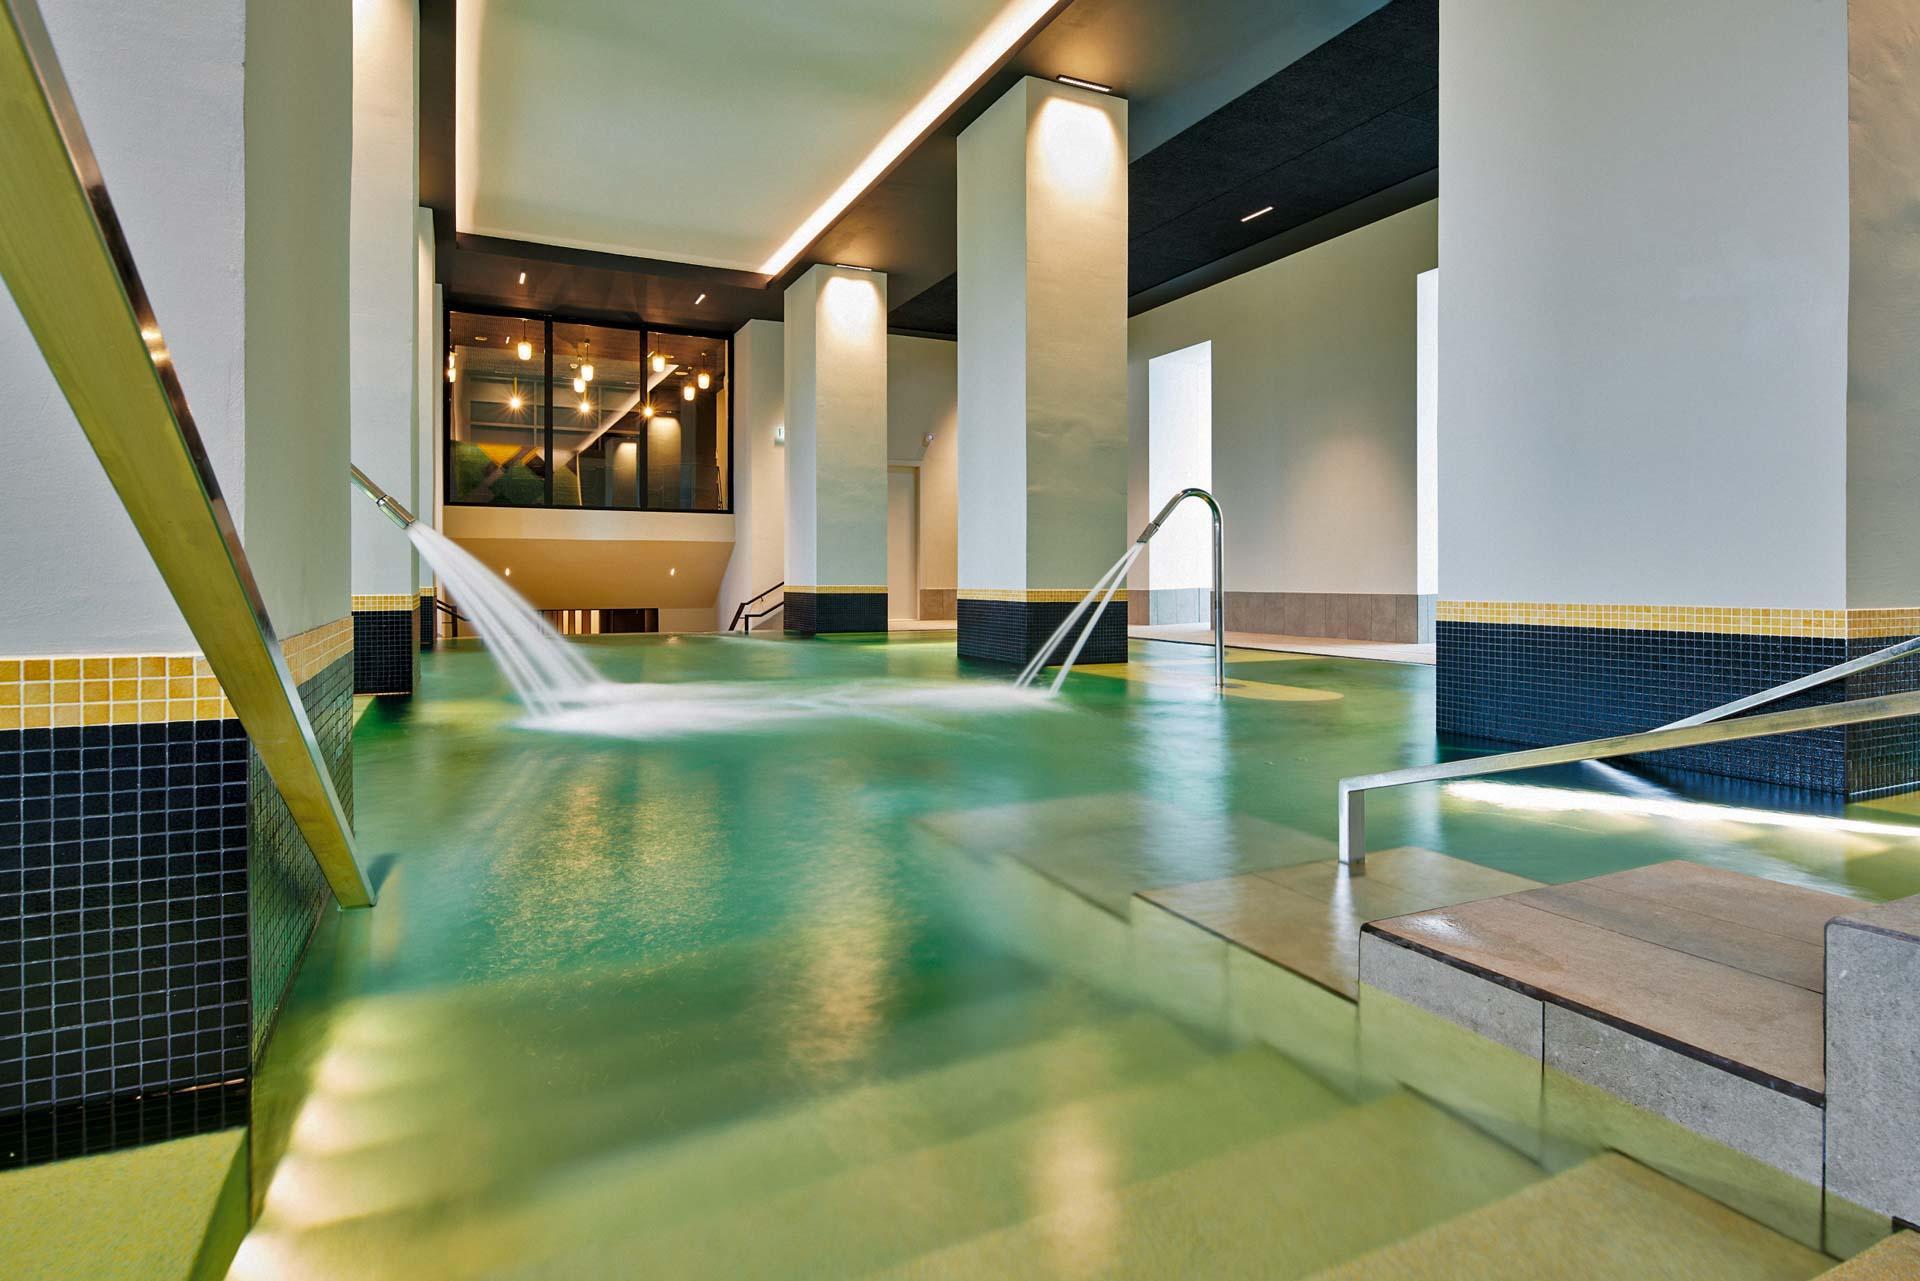 La piscine principale du spa Cinq Mondes au Splendid © Le Splendid